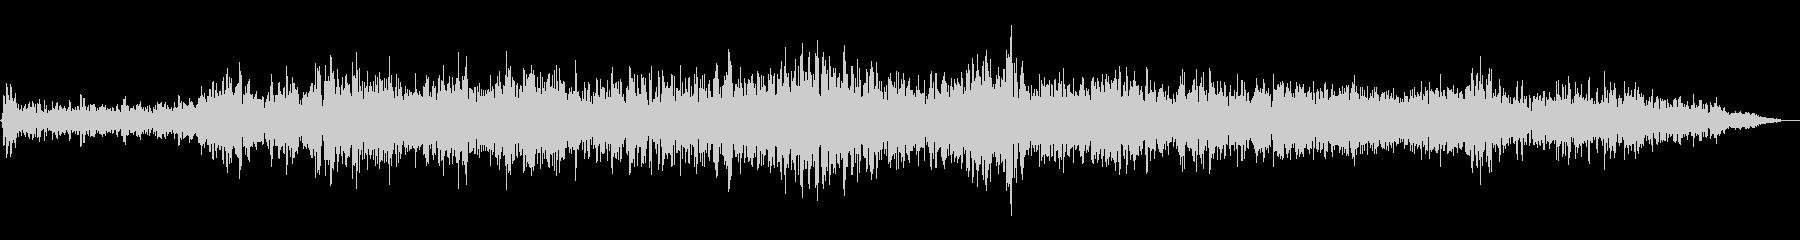 シューワー(通過音)の未再生の波形